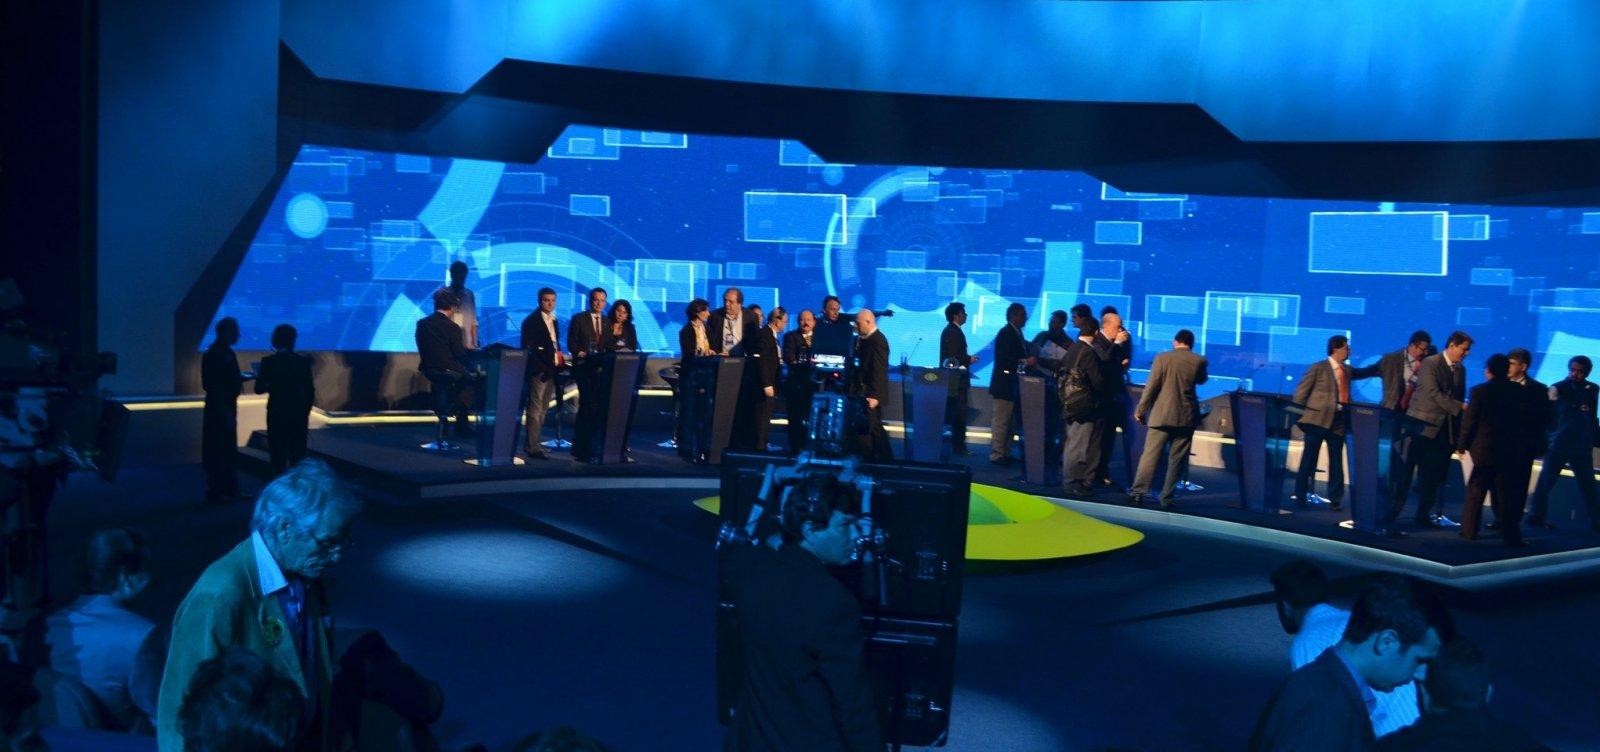 Os candidatos a presidente da República se enfrentam hoje (9) pela primeira vez em um debate de televisão. O encontro vai acontecer as 10 horas da noite na TV Bandeirantes.  O programa será mediado pelo jornalista Ricardo Boechat. Dos 13 nomes, apenas os oito cujos partidos têm no mínimo cinco deputados na Câmara vão participar: Álvaro Dias (Podemos), Cabo Daciolo (Patriota), Ciro Gomes (PDT), Geraldo Alckmin (PSDB), Guilherme Boulos (PSOL), Henrique Meirelles (MDB), Jair Bolsonaro (PSL) e Marina Silva (Rede).  O ex-presidente Luiz Inácio Lula da Silva (PT) não vai estar presente por estar preso na sede da Superintendência da Polícia Federal, em Curitiba, após ser condenado em segunda instância por corrupção e lavagem de dinheiro.